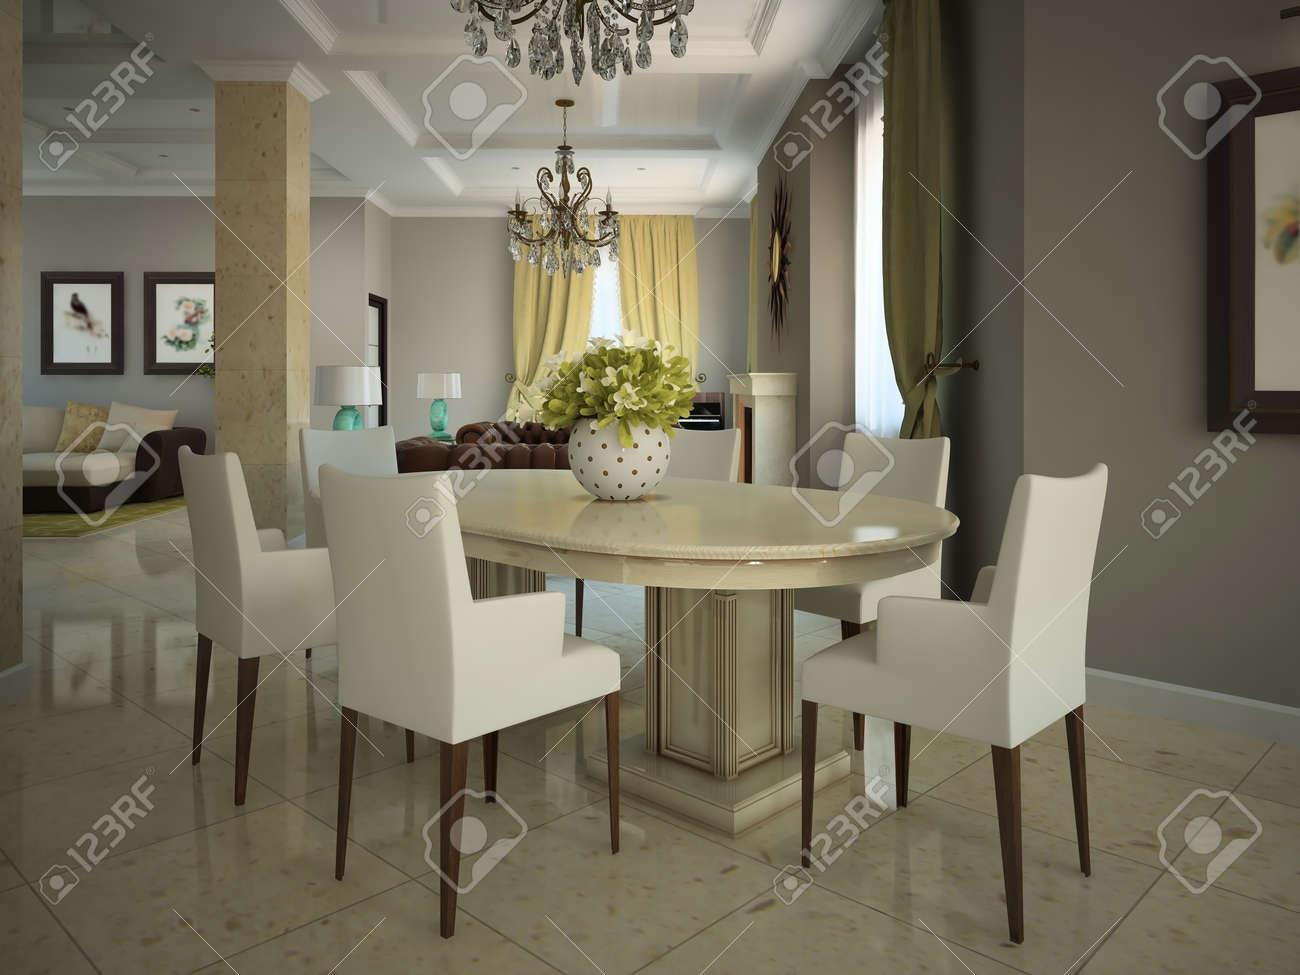 Salle à manger dans la maison de campagne moderne 3D